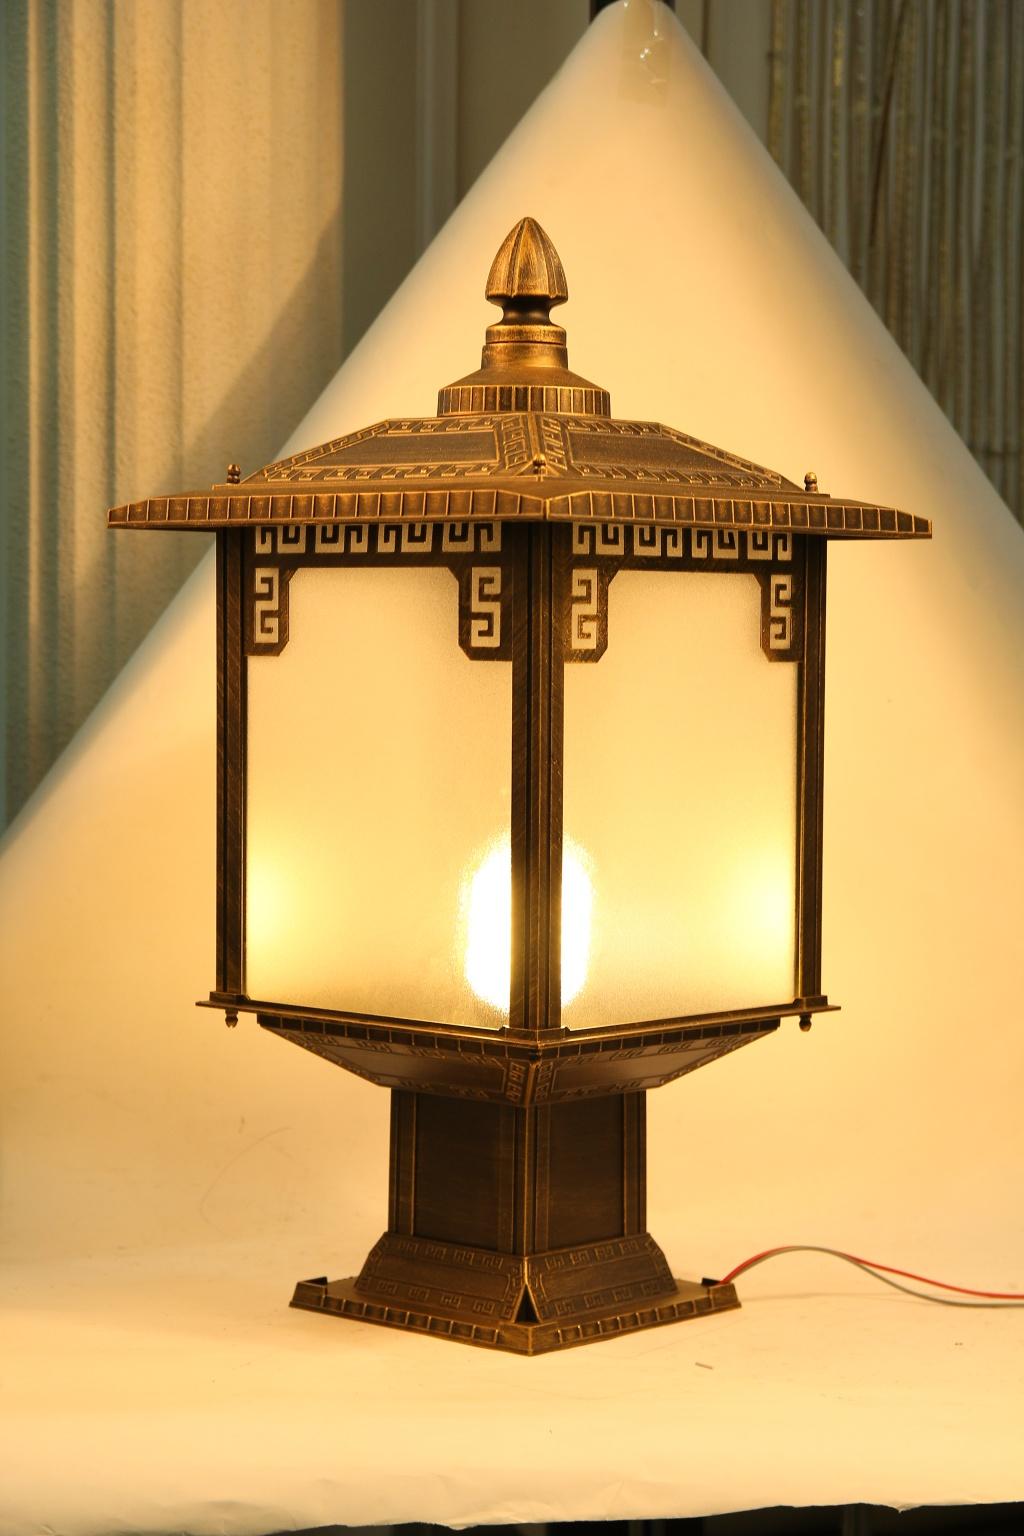 主要生产:LED投光灯、洗墙灯、隧道灯、景观灯、广场灯、高杆灯、道路灯、庭院灯、草坪灯、壁灯、地埋灯、轨道灯及相关灯饰配件等。